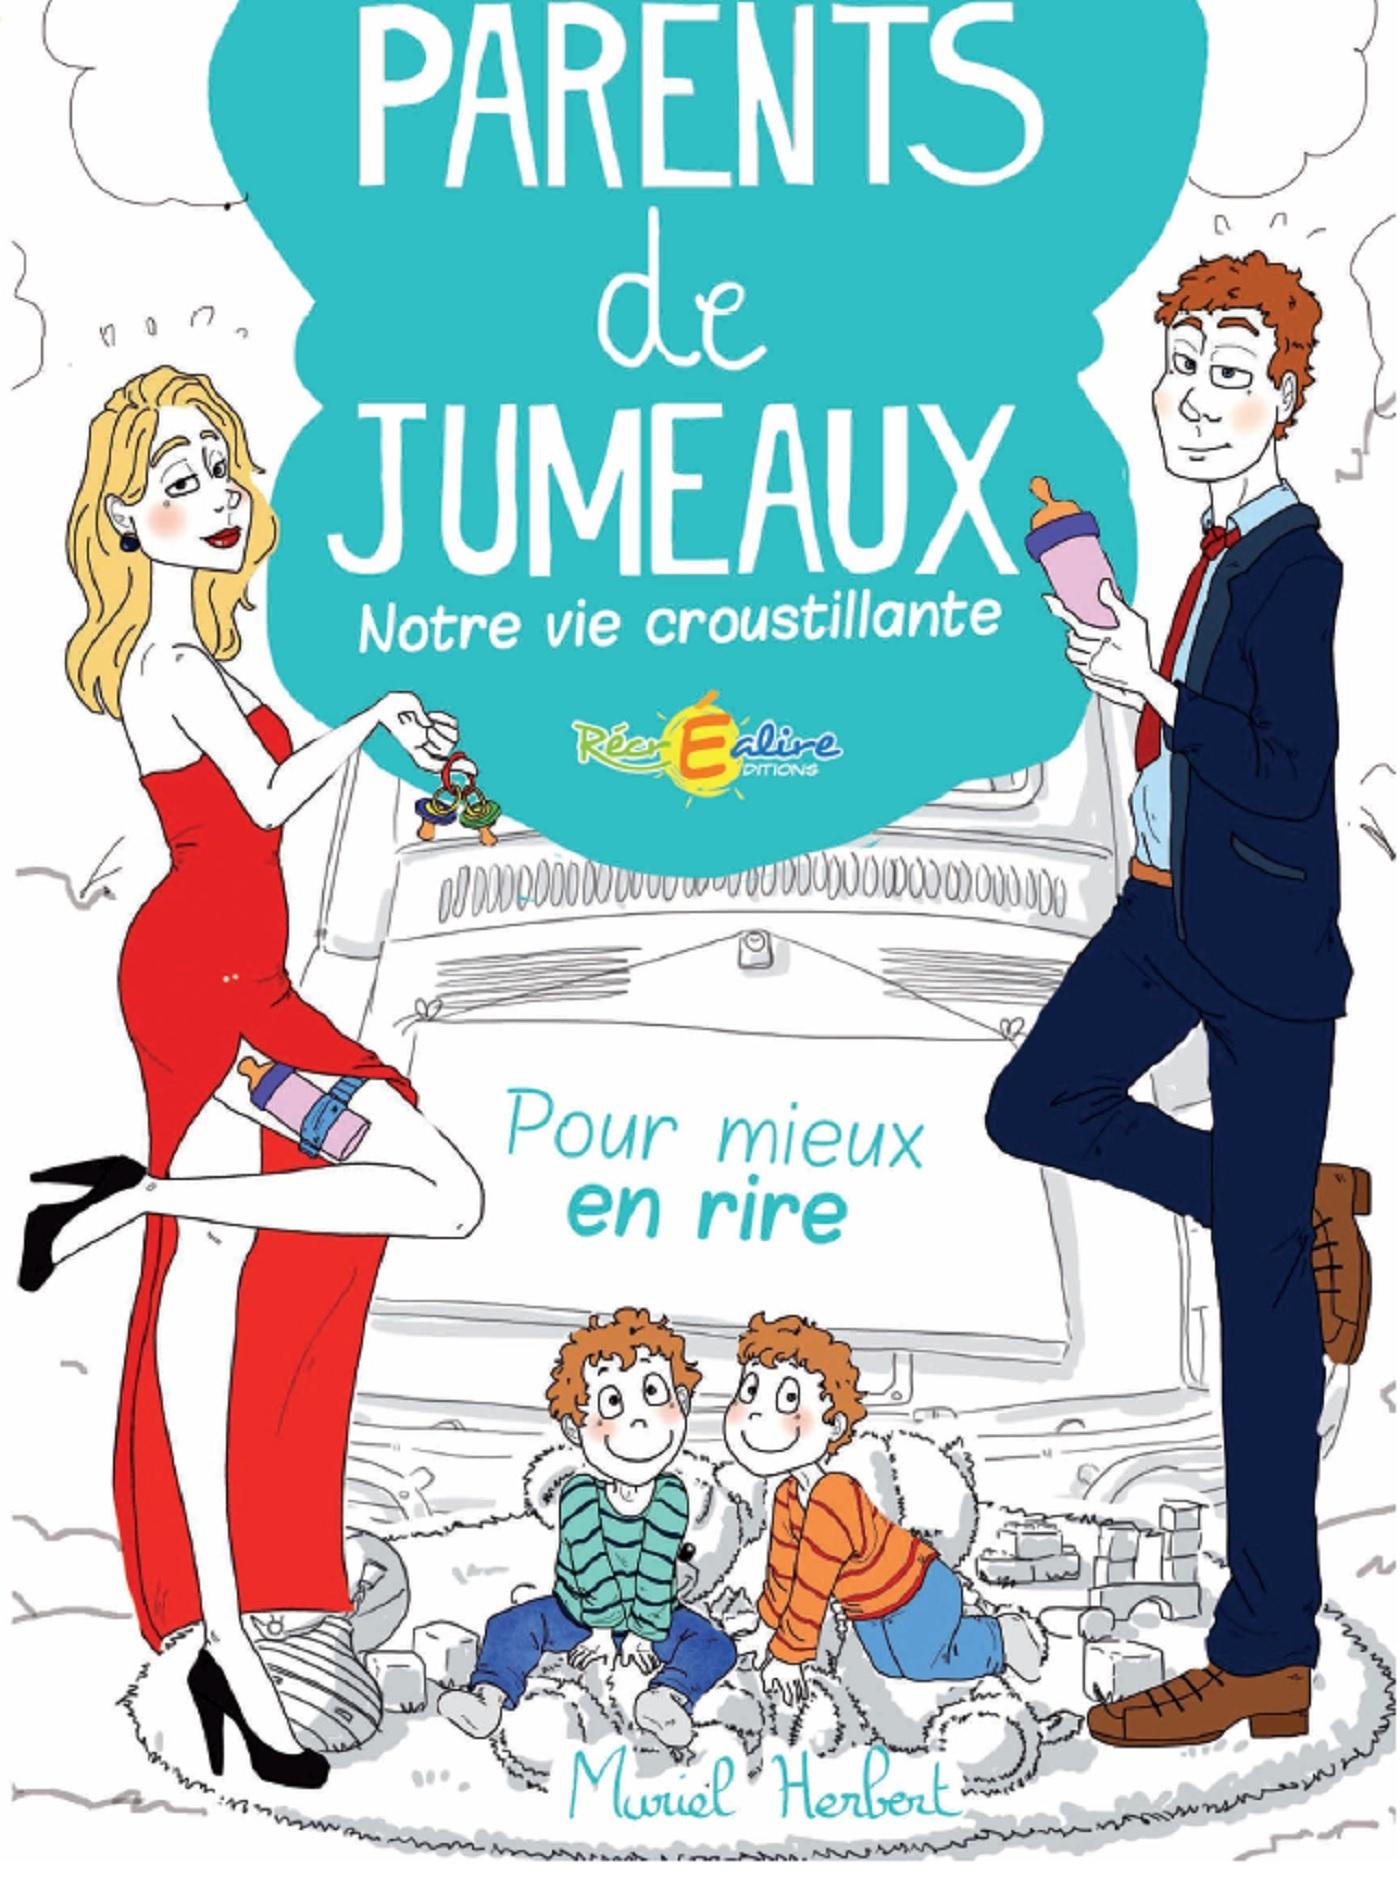 PARENTS DE JUMEAUX, NOTRE VIE CROUSTILLANTE